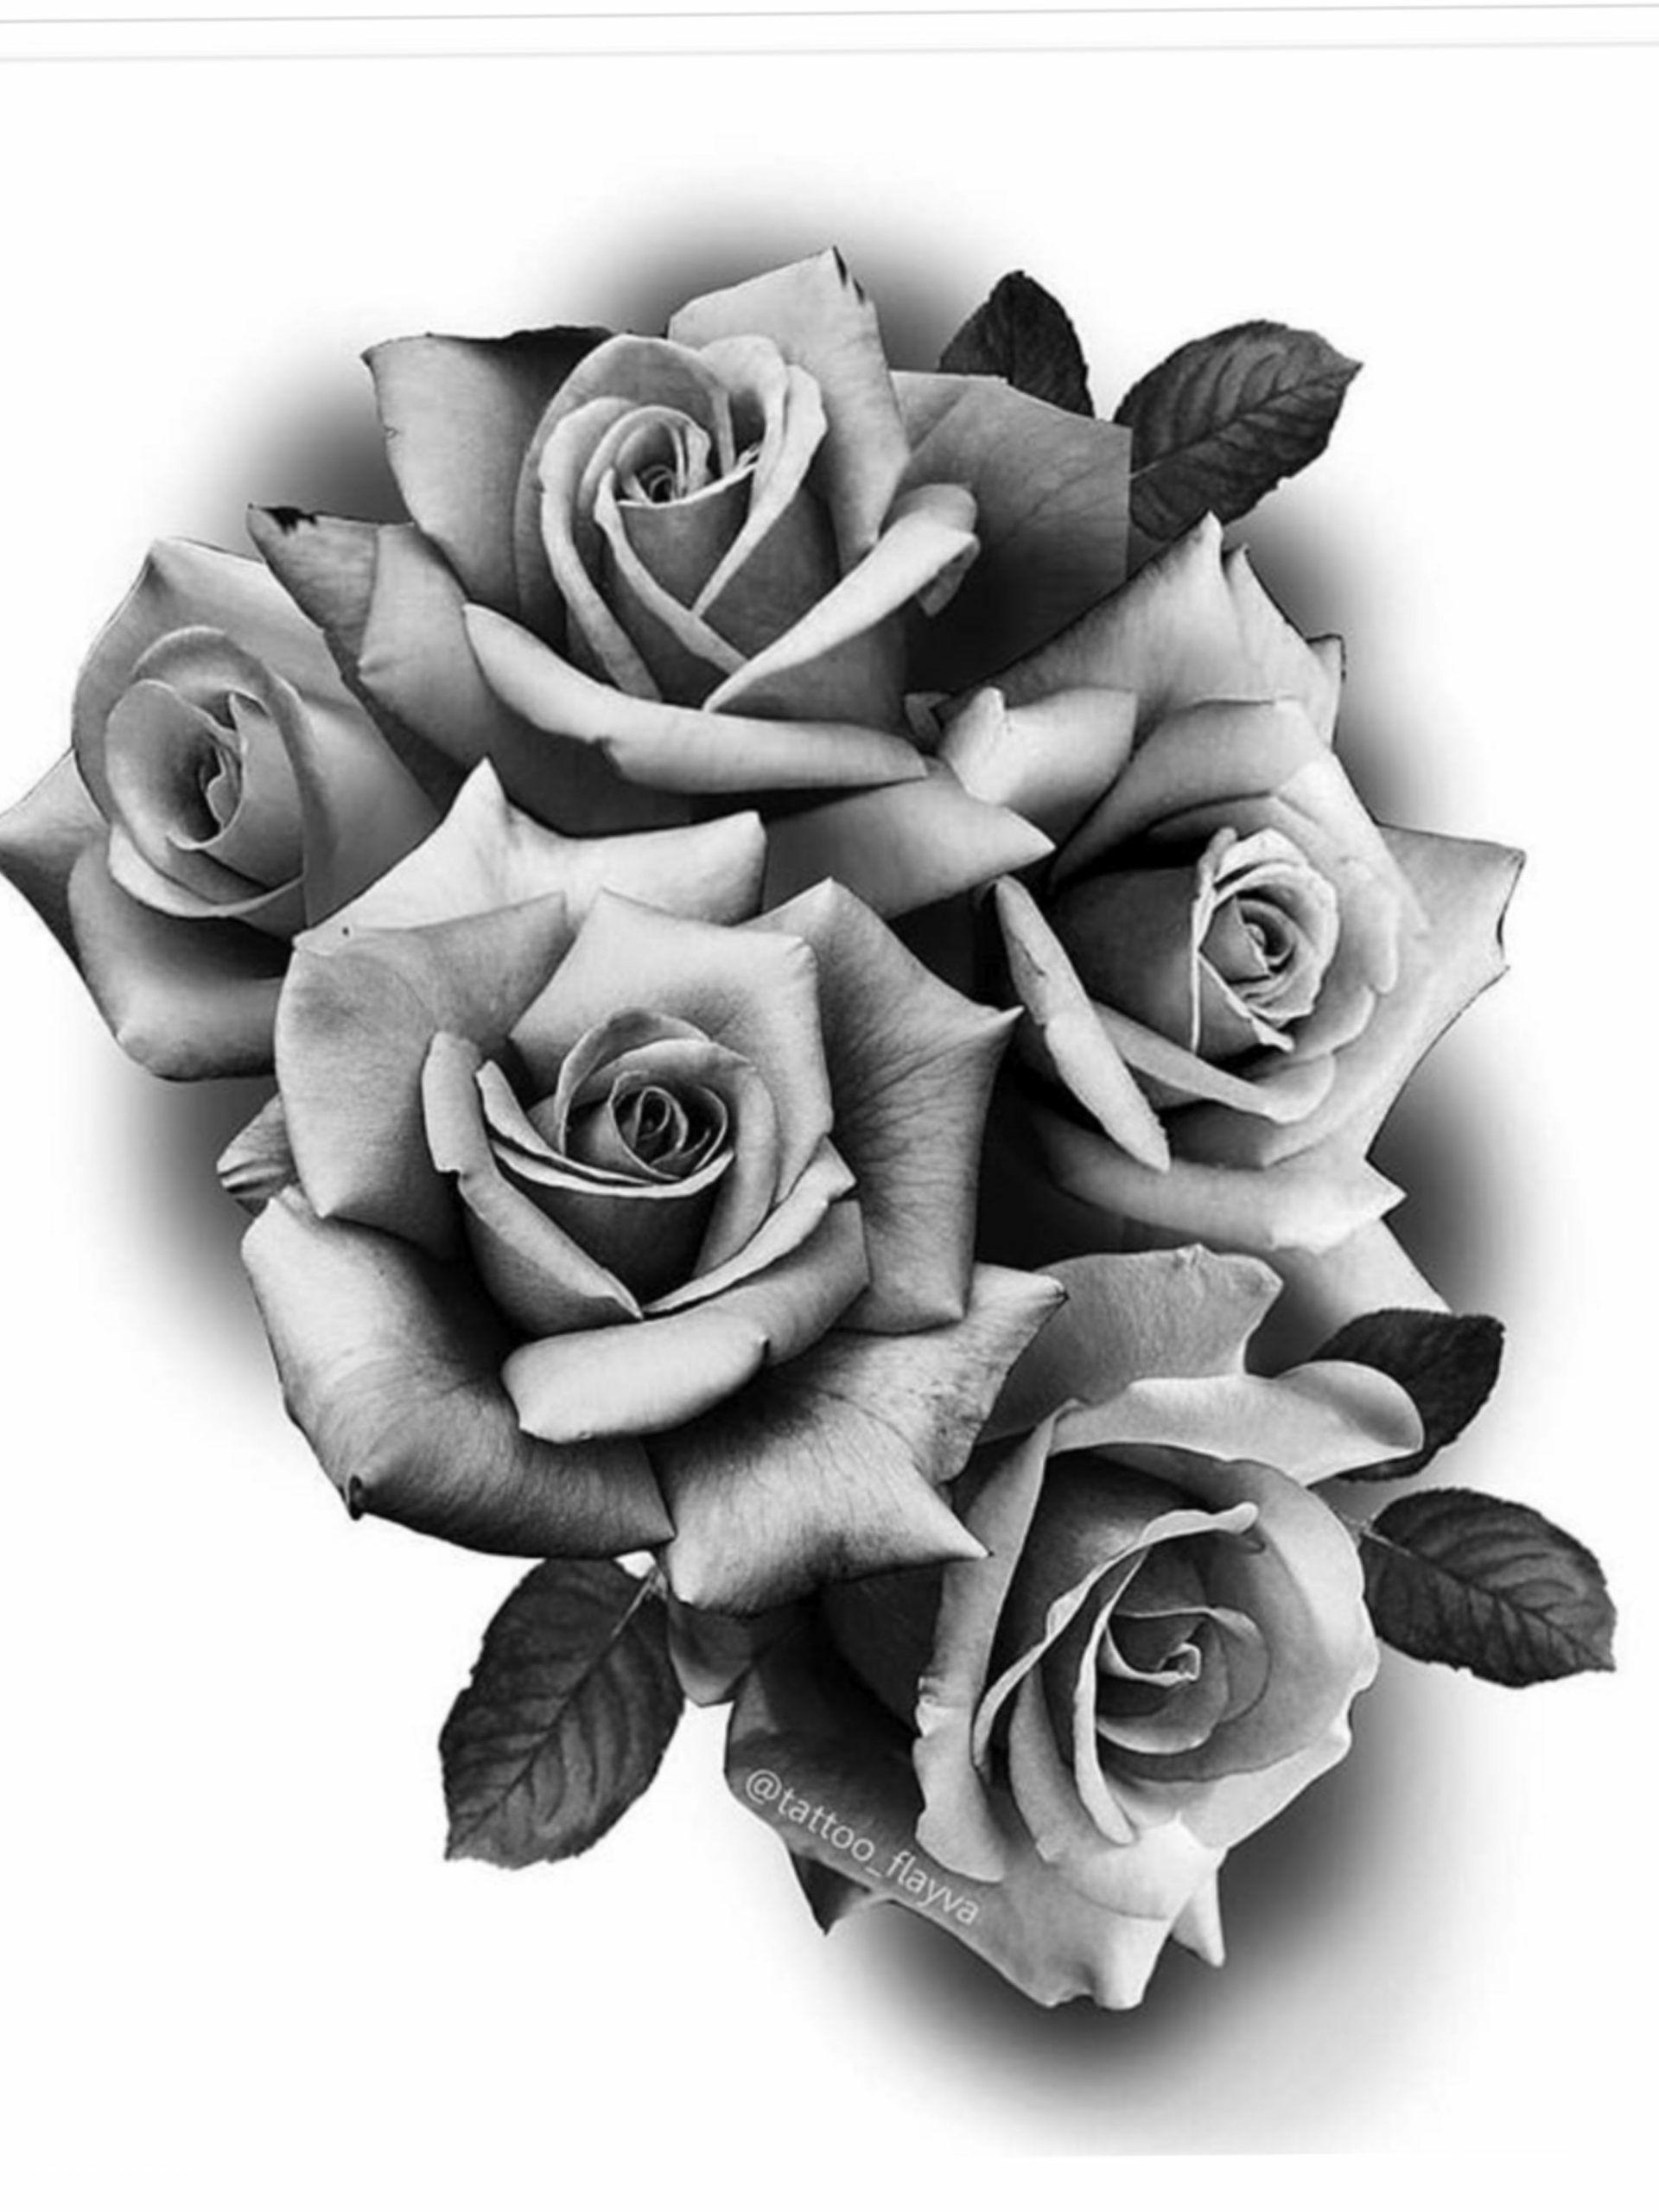 Tattoo Roses Templates Roses Tattoo Templates Tatuajes De Rosas Tatuaje De Rosa Realista Tatuajes De Rosa Blanca